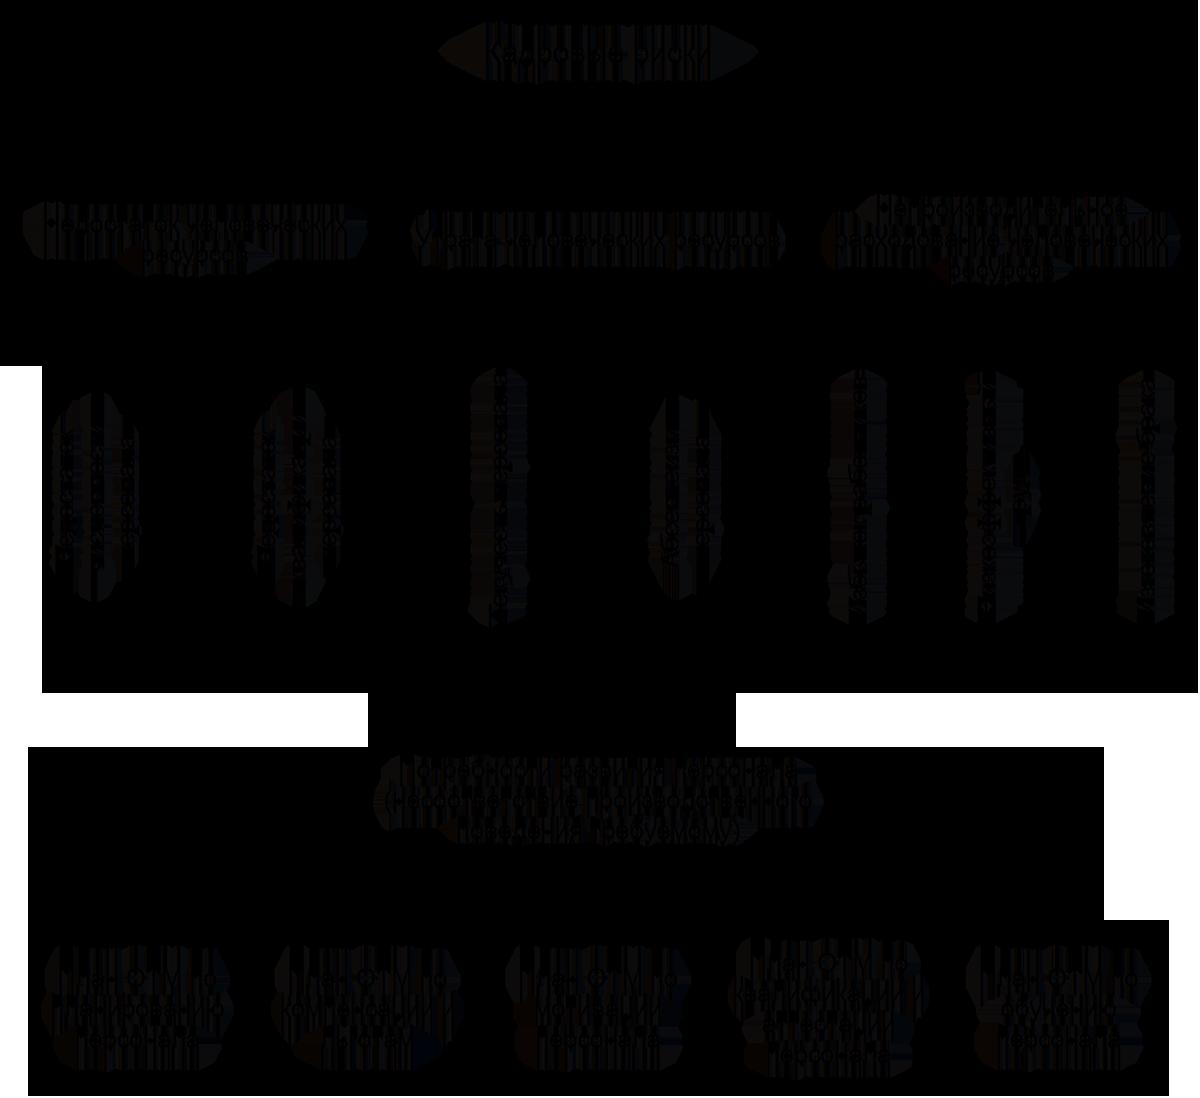 Анализ бизнес плана и рисков